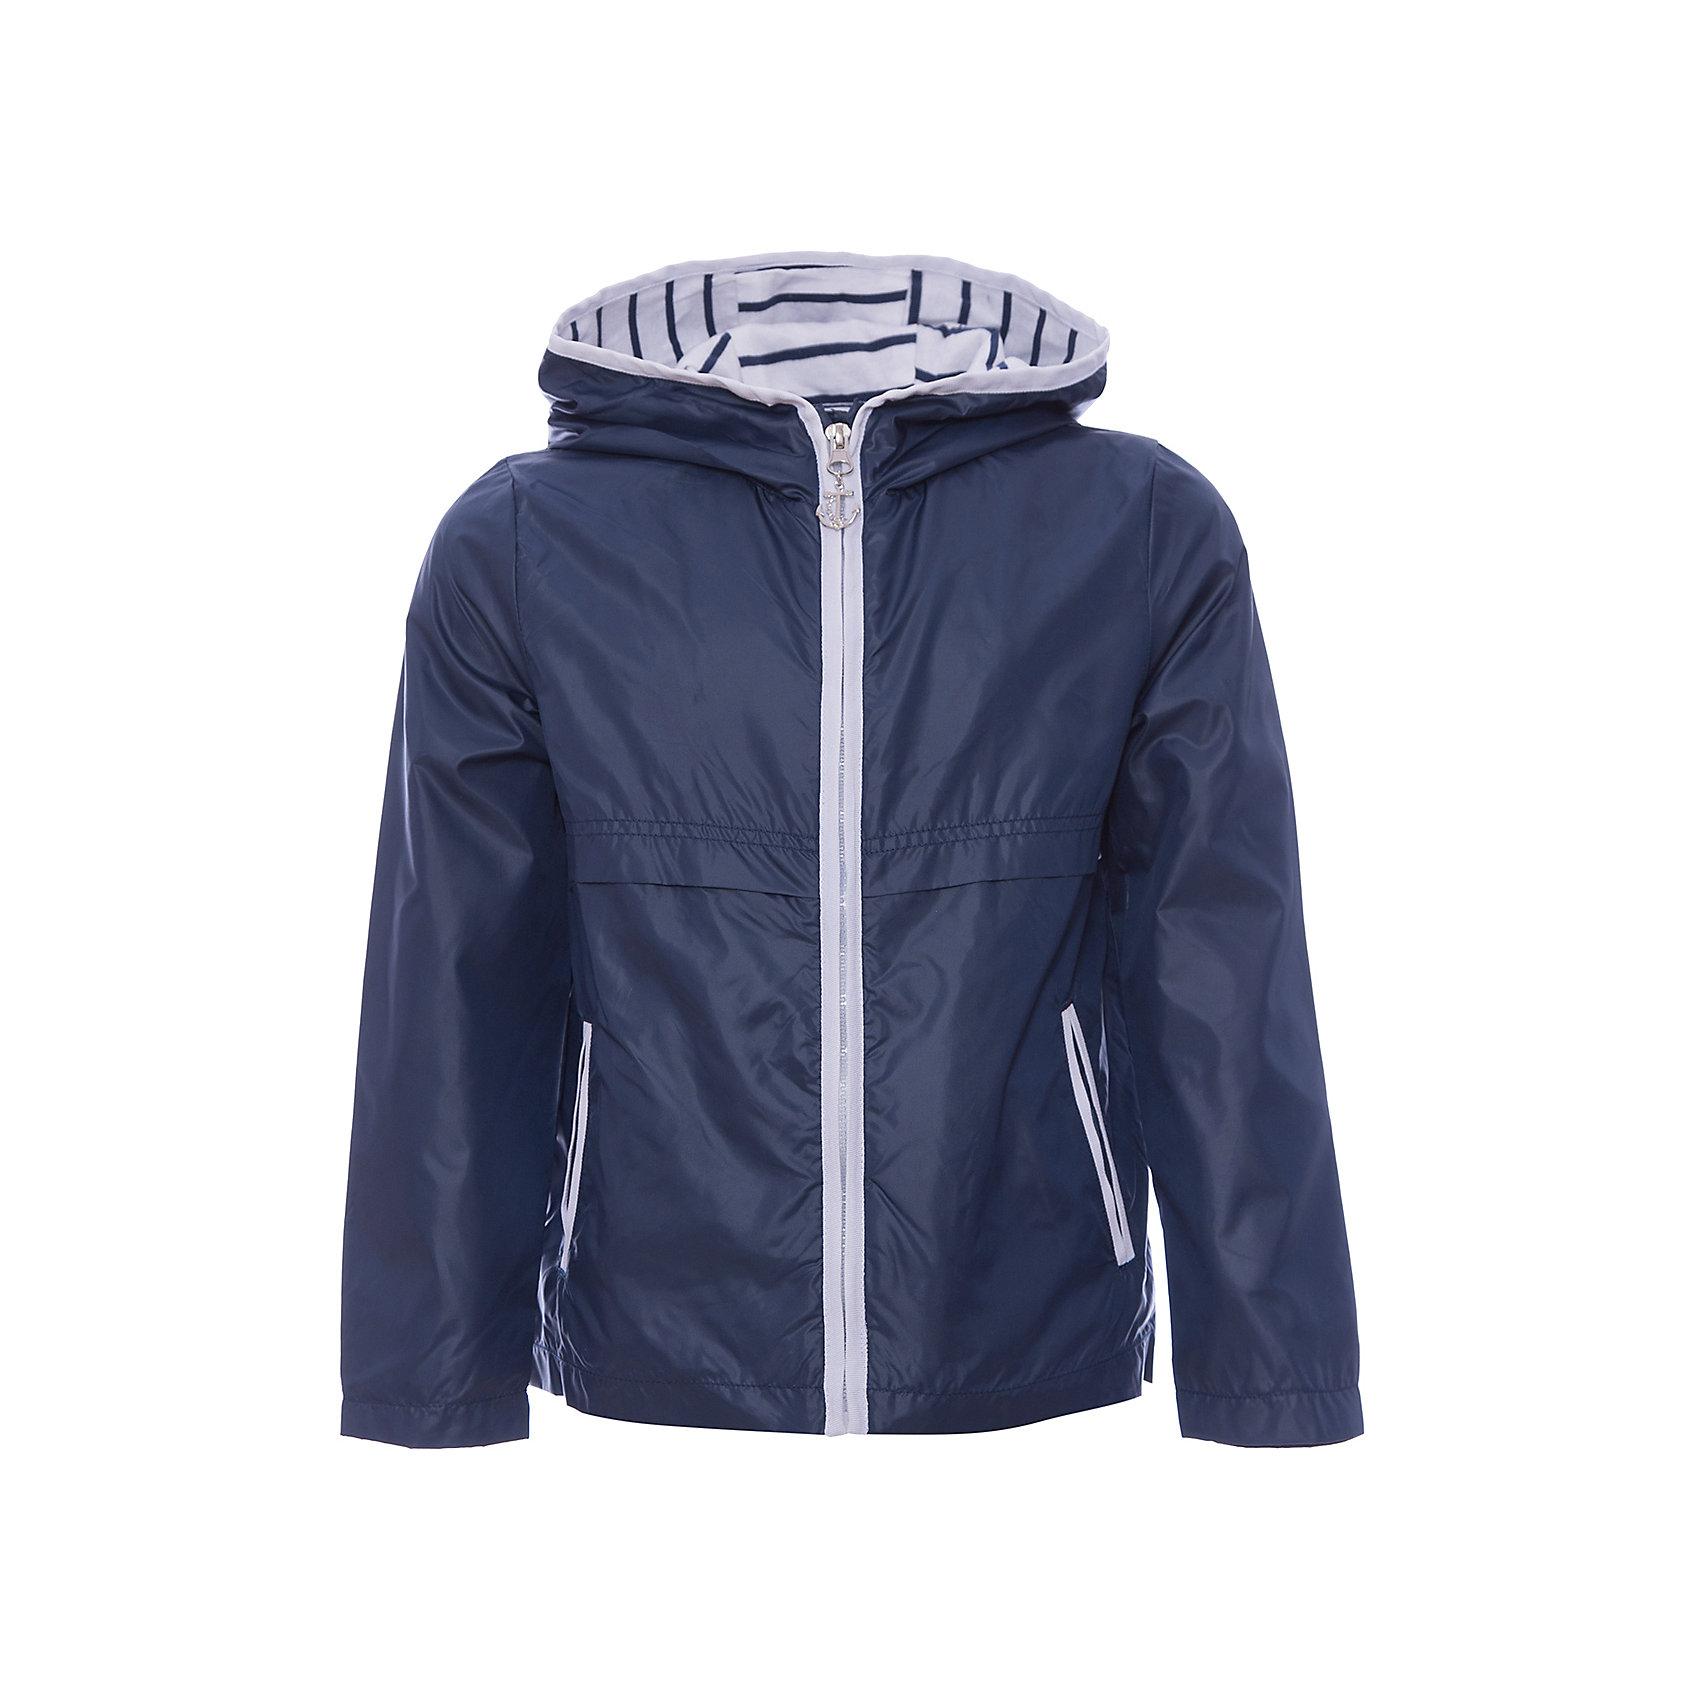 Куртка для девочки  BUTTON BLUEВерхняя одежда<br>Куртка для девочки  BUTTON BLUE<br>Синяя ветровка с капюшоном - прекрасное решение для летней прохлады. Модная комфортная форма, продуманные детали подарят отличное настроение, мягкая трикотажная подкладка обеспечит уют, капюшон защитит от дождя и ветра. Если вы решили купить ветровку для девочки недорого, но хотите быть уверены в ее комфорте, качестве, высоких потребительских свойствах, ветровка Button Blue - то, что нужно!<br>Состав:<br>Ткань  верха: 100%  полиэстер, подклад: 100% хлопок/ 100% полиэстер<br><br>Ширина мм: 356<br>Глубина мм: 10<br>Высота мм: 245<br>Вес г: 519<br>Цвет: синий<br>Возраст от месяцев: 144<br>Возраст до месяцев: 156<br>Пол: Женский<br>Возраст: Детский<br>Размер: 158,98,104,110,116,122,128,134,140,146,152<br>SKU: 5523376